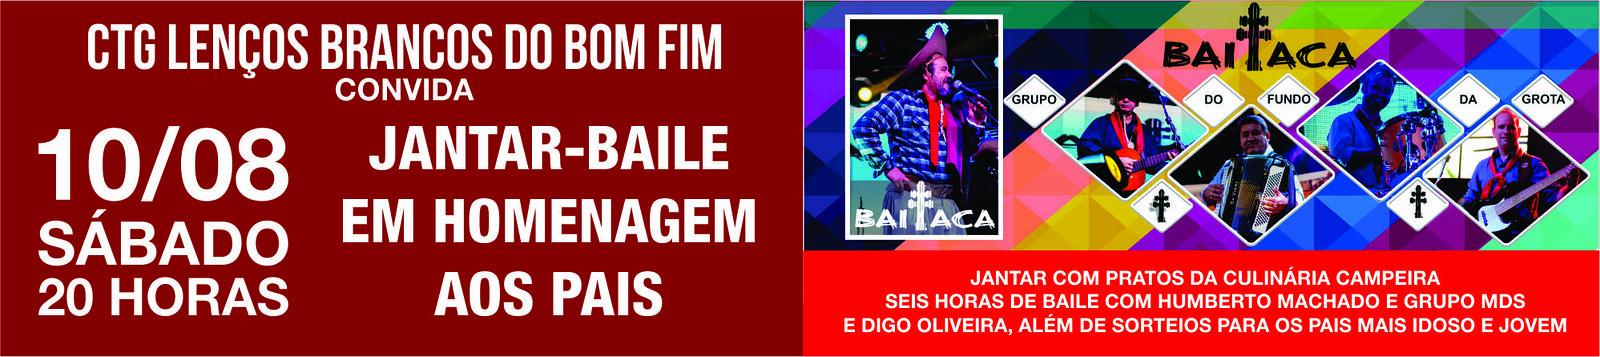 Prestigie em 10 de agosto, o Jantar-baile em homenagem aos pais no CTG Lenços Brancos do Bom Fim, com o cantor Baitaca